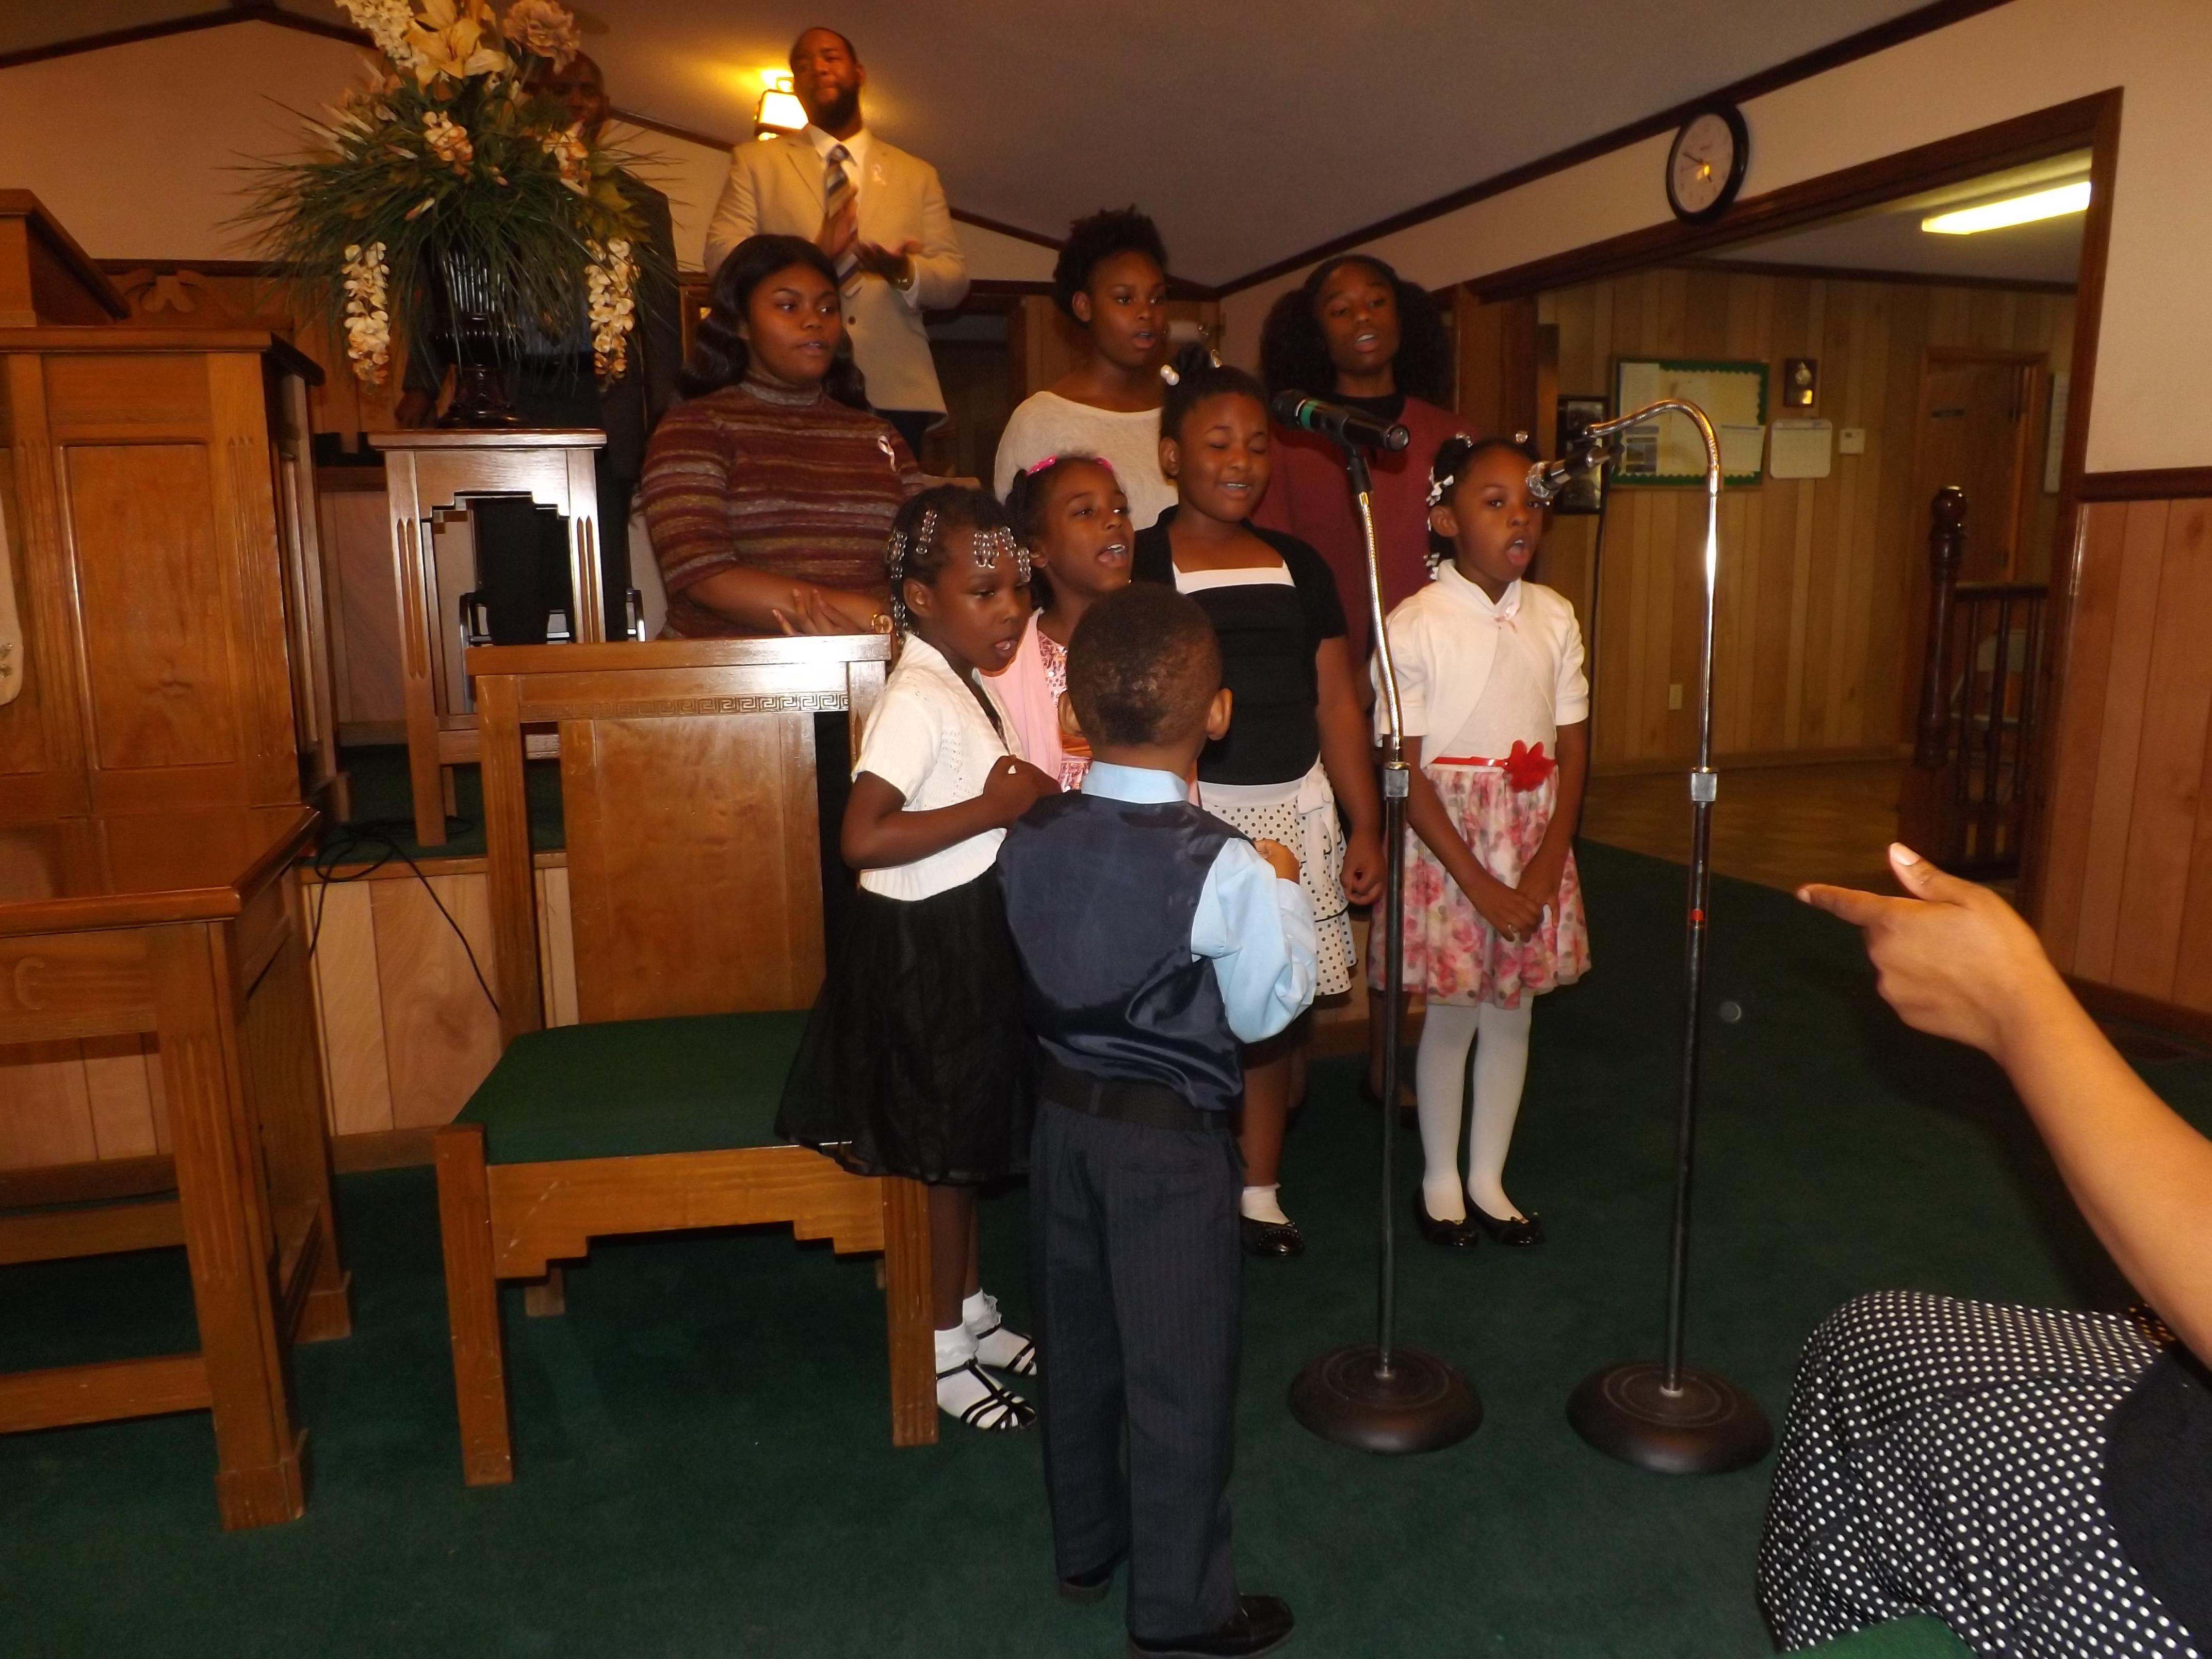 Children's Church